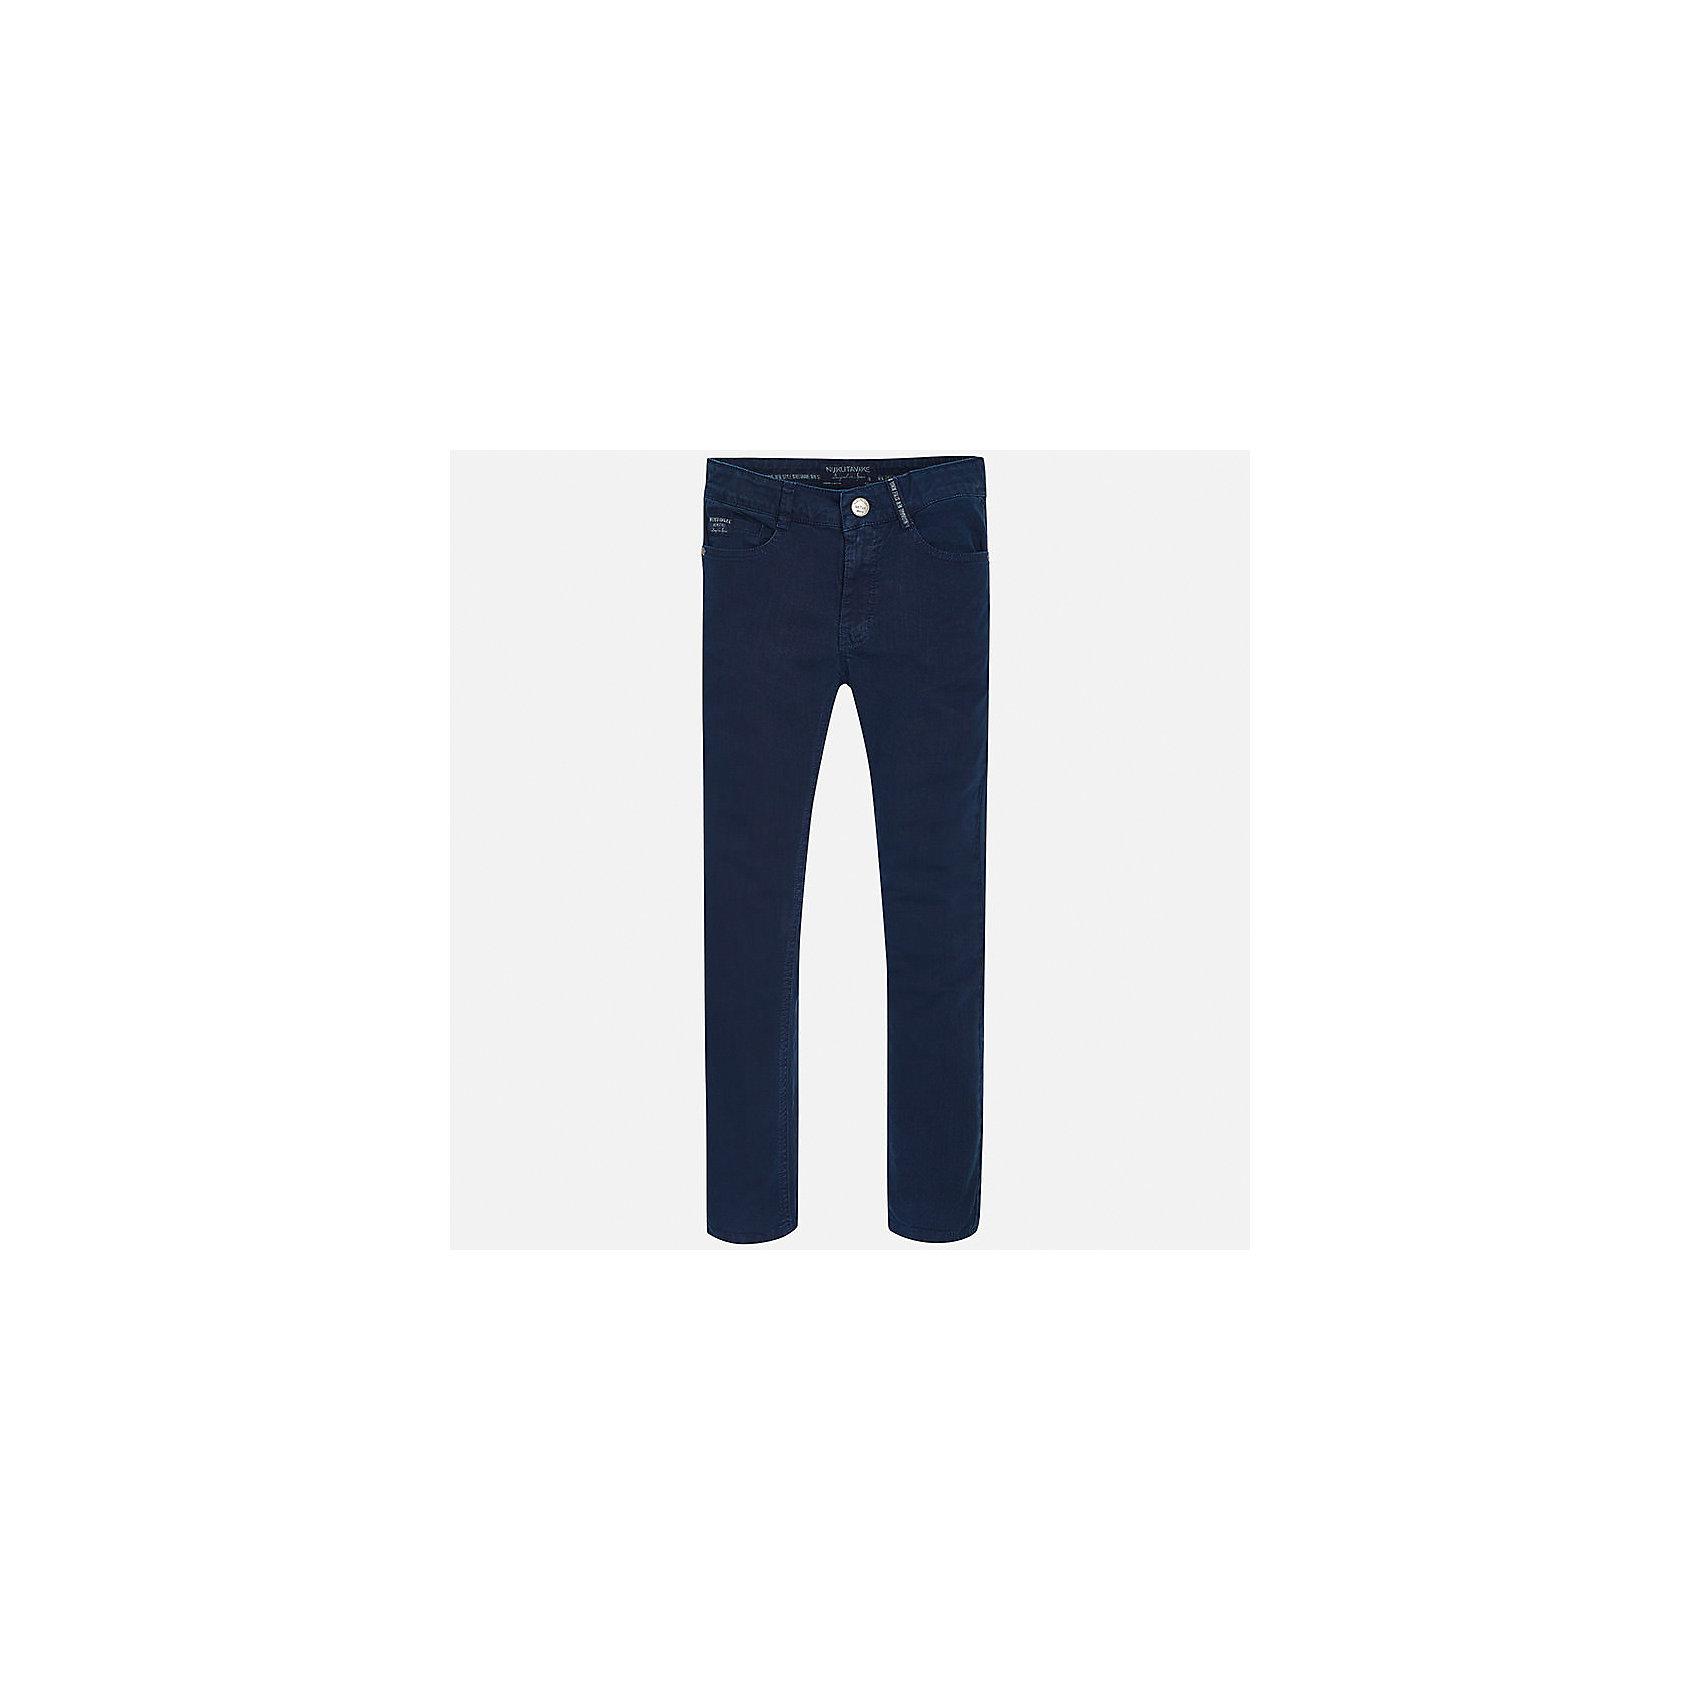 Брюки для мальчика MayoralДжинсовая одежда<br>Характеристики товара:<br><br>• цвет: синий<br>• состав: 98% хлопок, 2% эластан<br>• шлевки<br>• карманы<br>• пояс с регулировкой объема<br>• классический силуэт<br>• страна бренда: Испания<br><br>Стильные брюки классического кроя для мальчика могут стать базовой вещью в гардеробе ребенка. Они отлично сочетаются с рубашками, футболками, куртками и т.д. Универсальный крой и цвет позволяет подобрать к вещи верх разных расцветок. Практичное и стильное изделие! В составе материала - натуральный хлопок, гипоаллергенный, приятный на ощупь, дышащий.<br><br>Одежда, обувь и аксессуары от испанского бренда Mayoral полюбились детям и взрослым по всему миру. Модели этой марки - стильные и удобные. Для их производства используются только безопасные, качественные материалы и фурнитура. Порадуйте ребенка модными и красивыми вещами от Mayoral! <br><br>Брюки для мальчика от испанского бренда Mayoral (Майорал) можно купить в нашем интернет-магазине.<br><br>Ширина мм: 215<br>Глубина мм: 88<br>Высота мм: 191<br>Вес г: 336<br>Цвет: синий<br>Возраст от месяцев: 132<br>Возраст до месяцев: 144<br>Пол: Мужской<br>Возраст: Детский<br>Размер: 158,170,128/134,164,152,140<br>SKU: 5282017